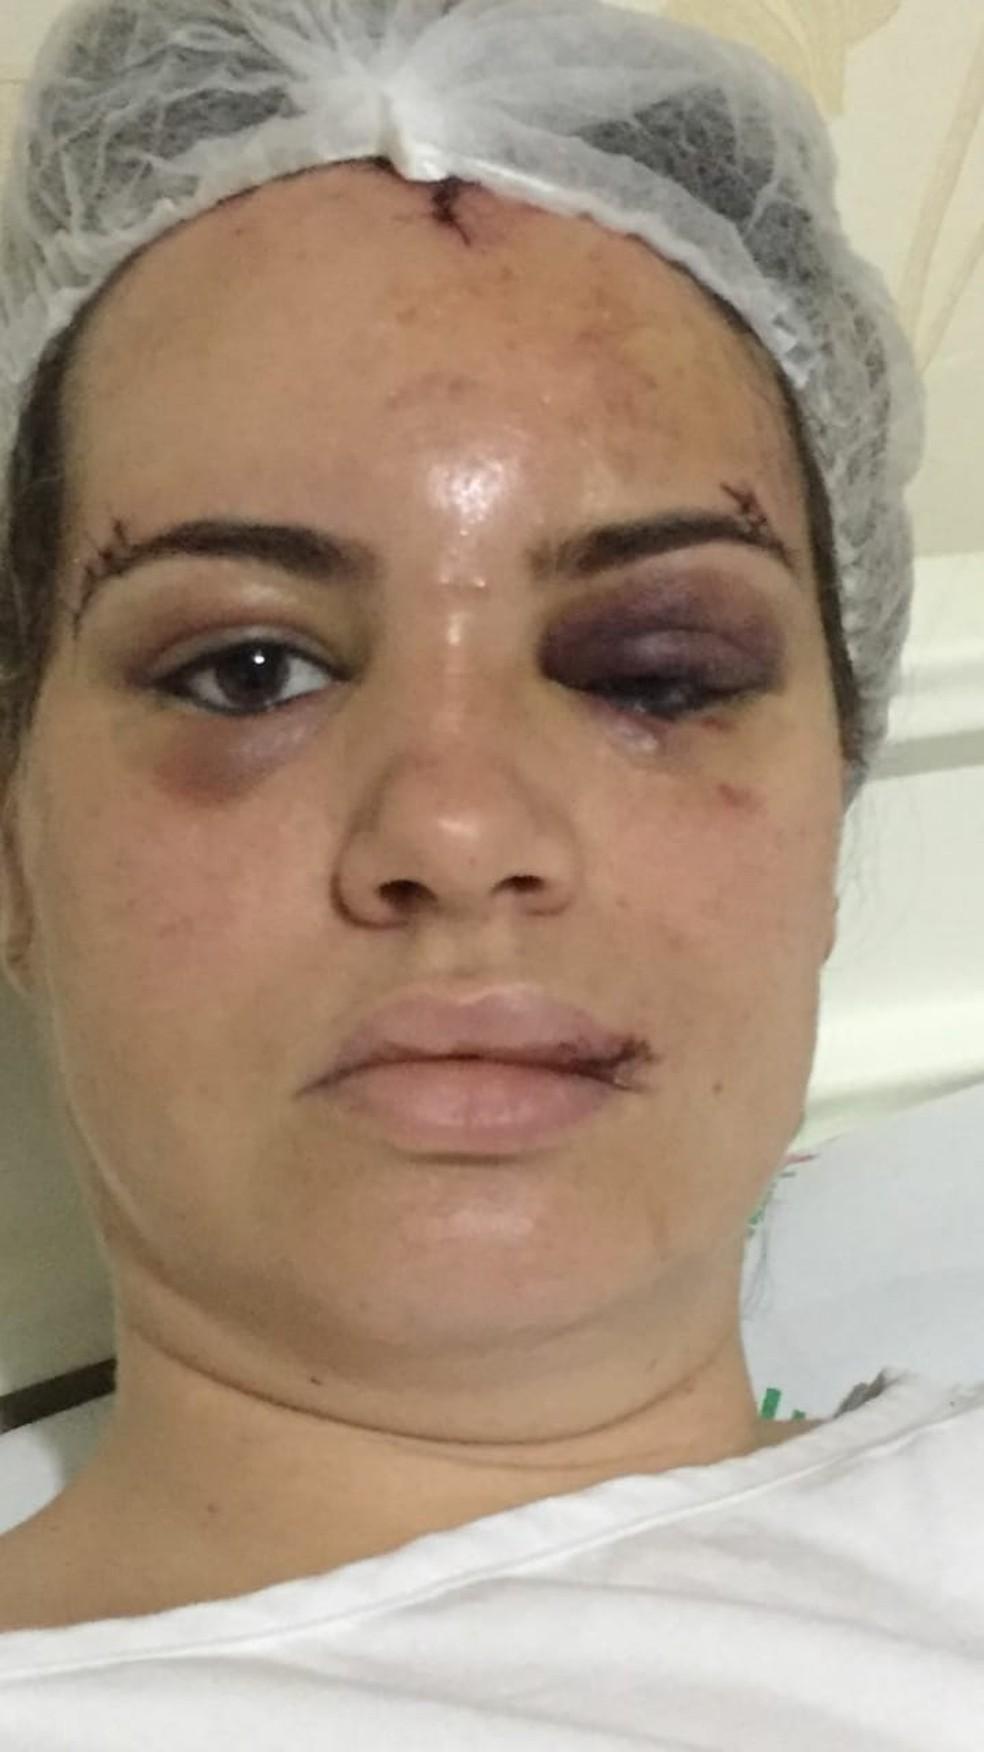 Darliane teve machucados na cabeça, nos olhos, na boca e com o nariz quebrado. (Foto: Arquivo pessoal)